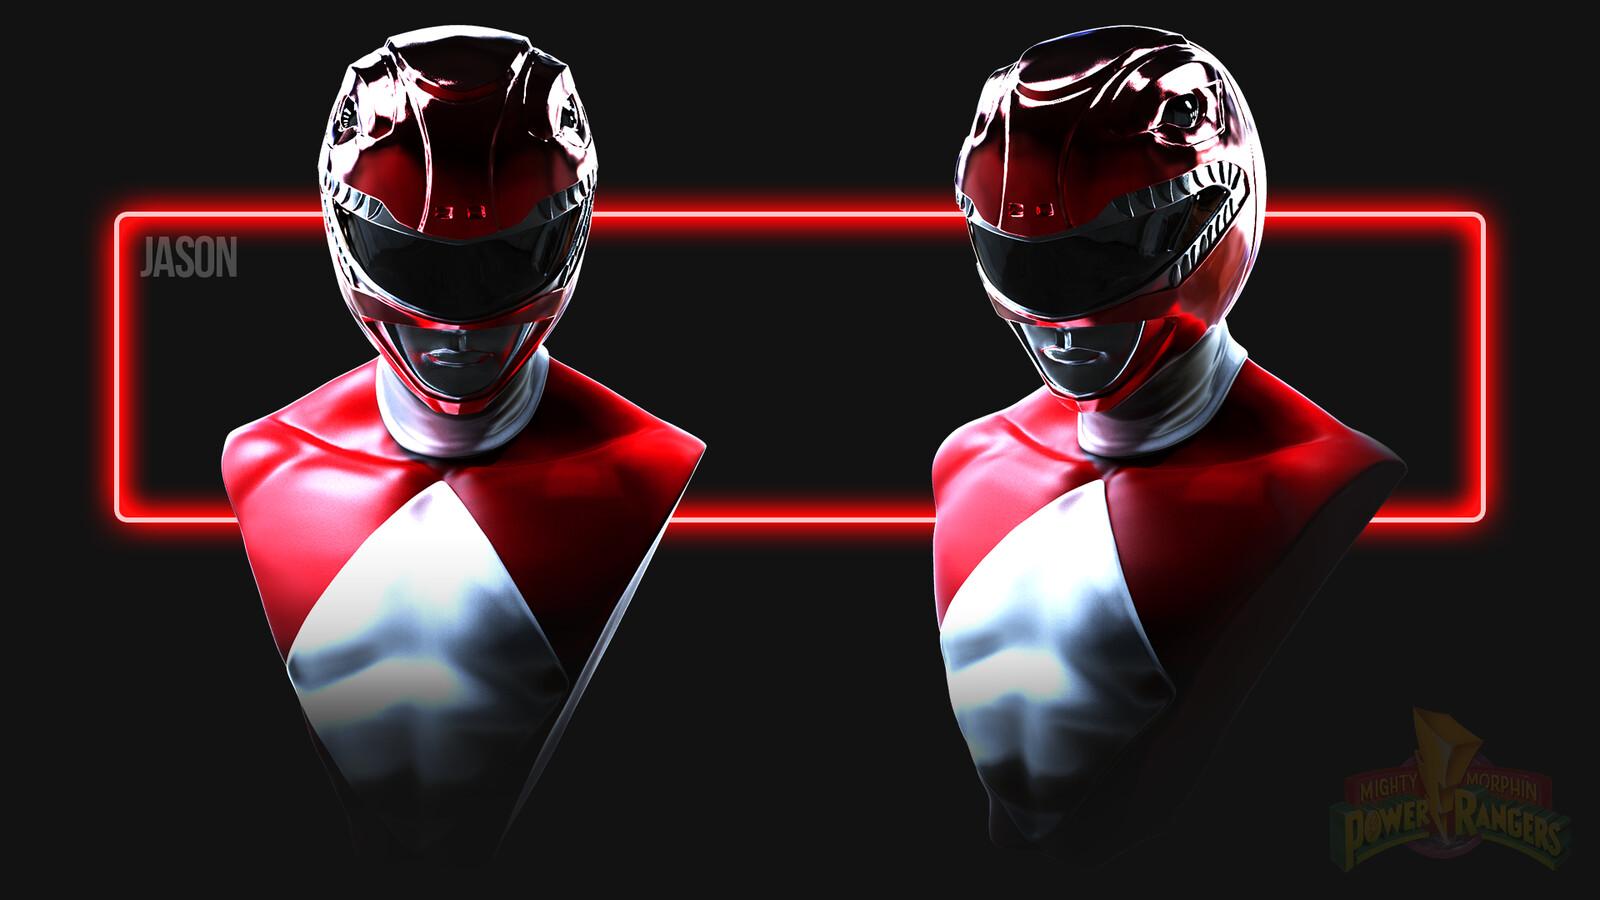 Jason Lee Scott the Red Power Ranger